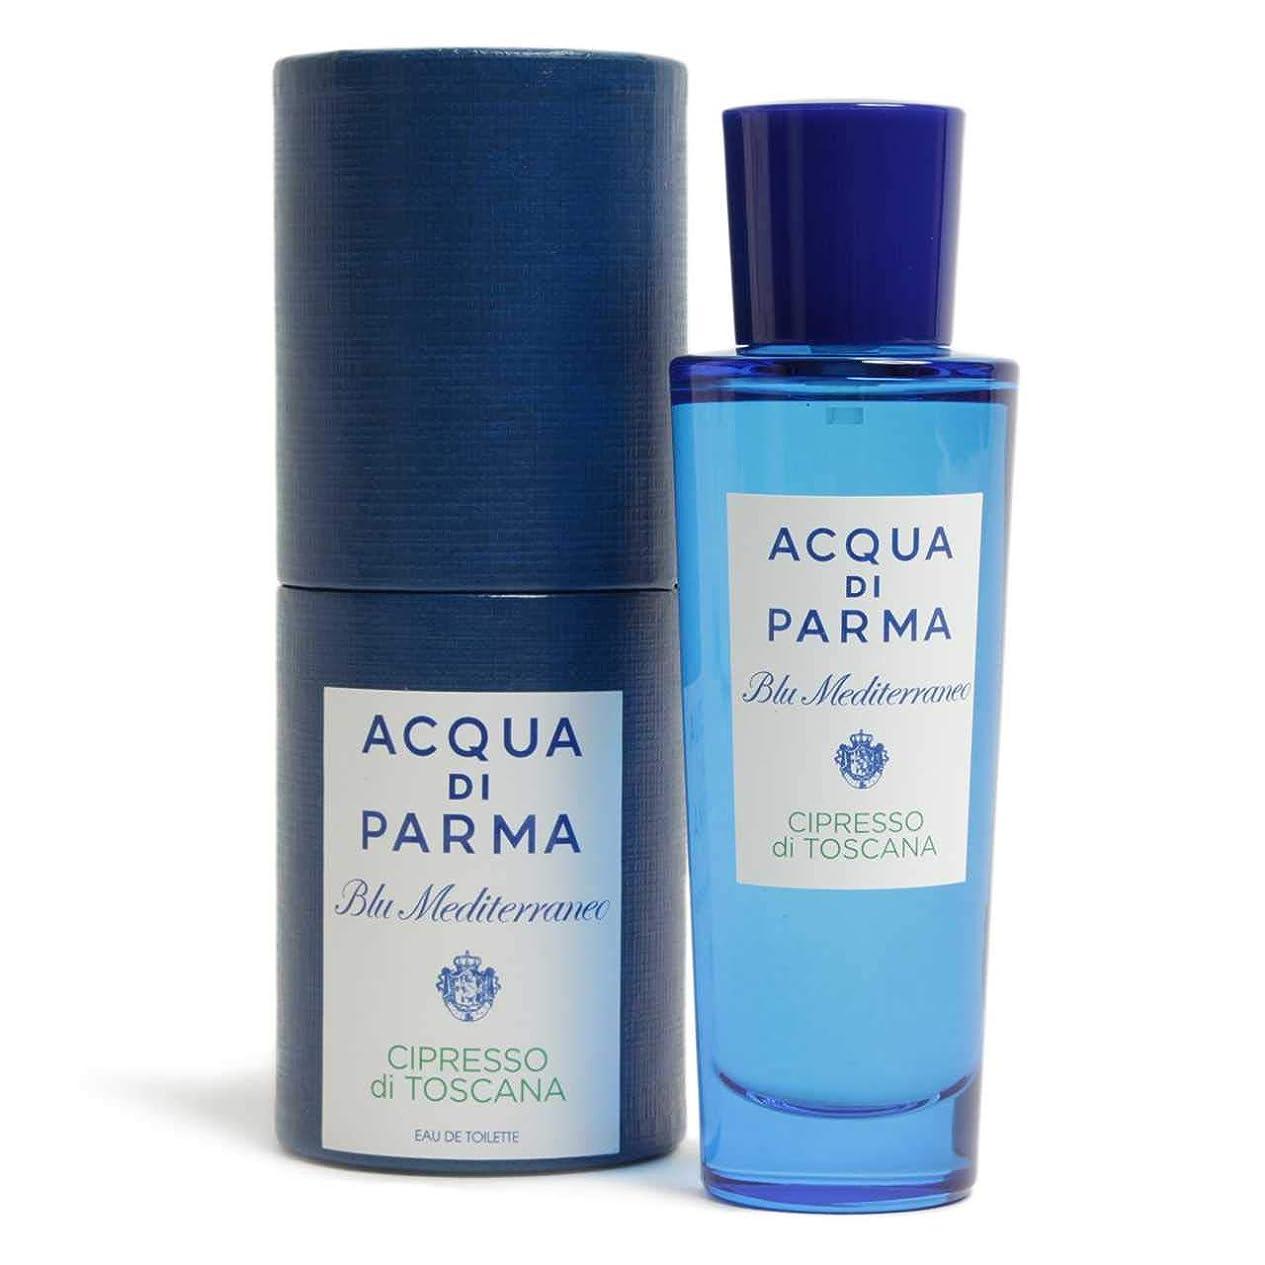 終わりしなやかなスリラーACQUA di PARMA アクアディパルマ チプレッソ 香水 フレグランス